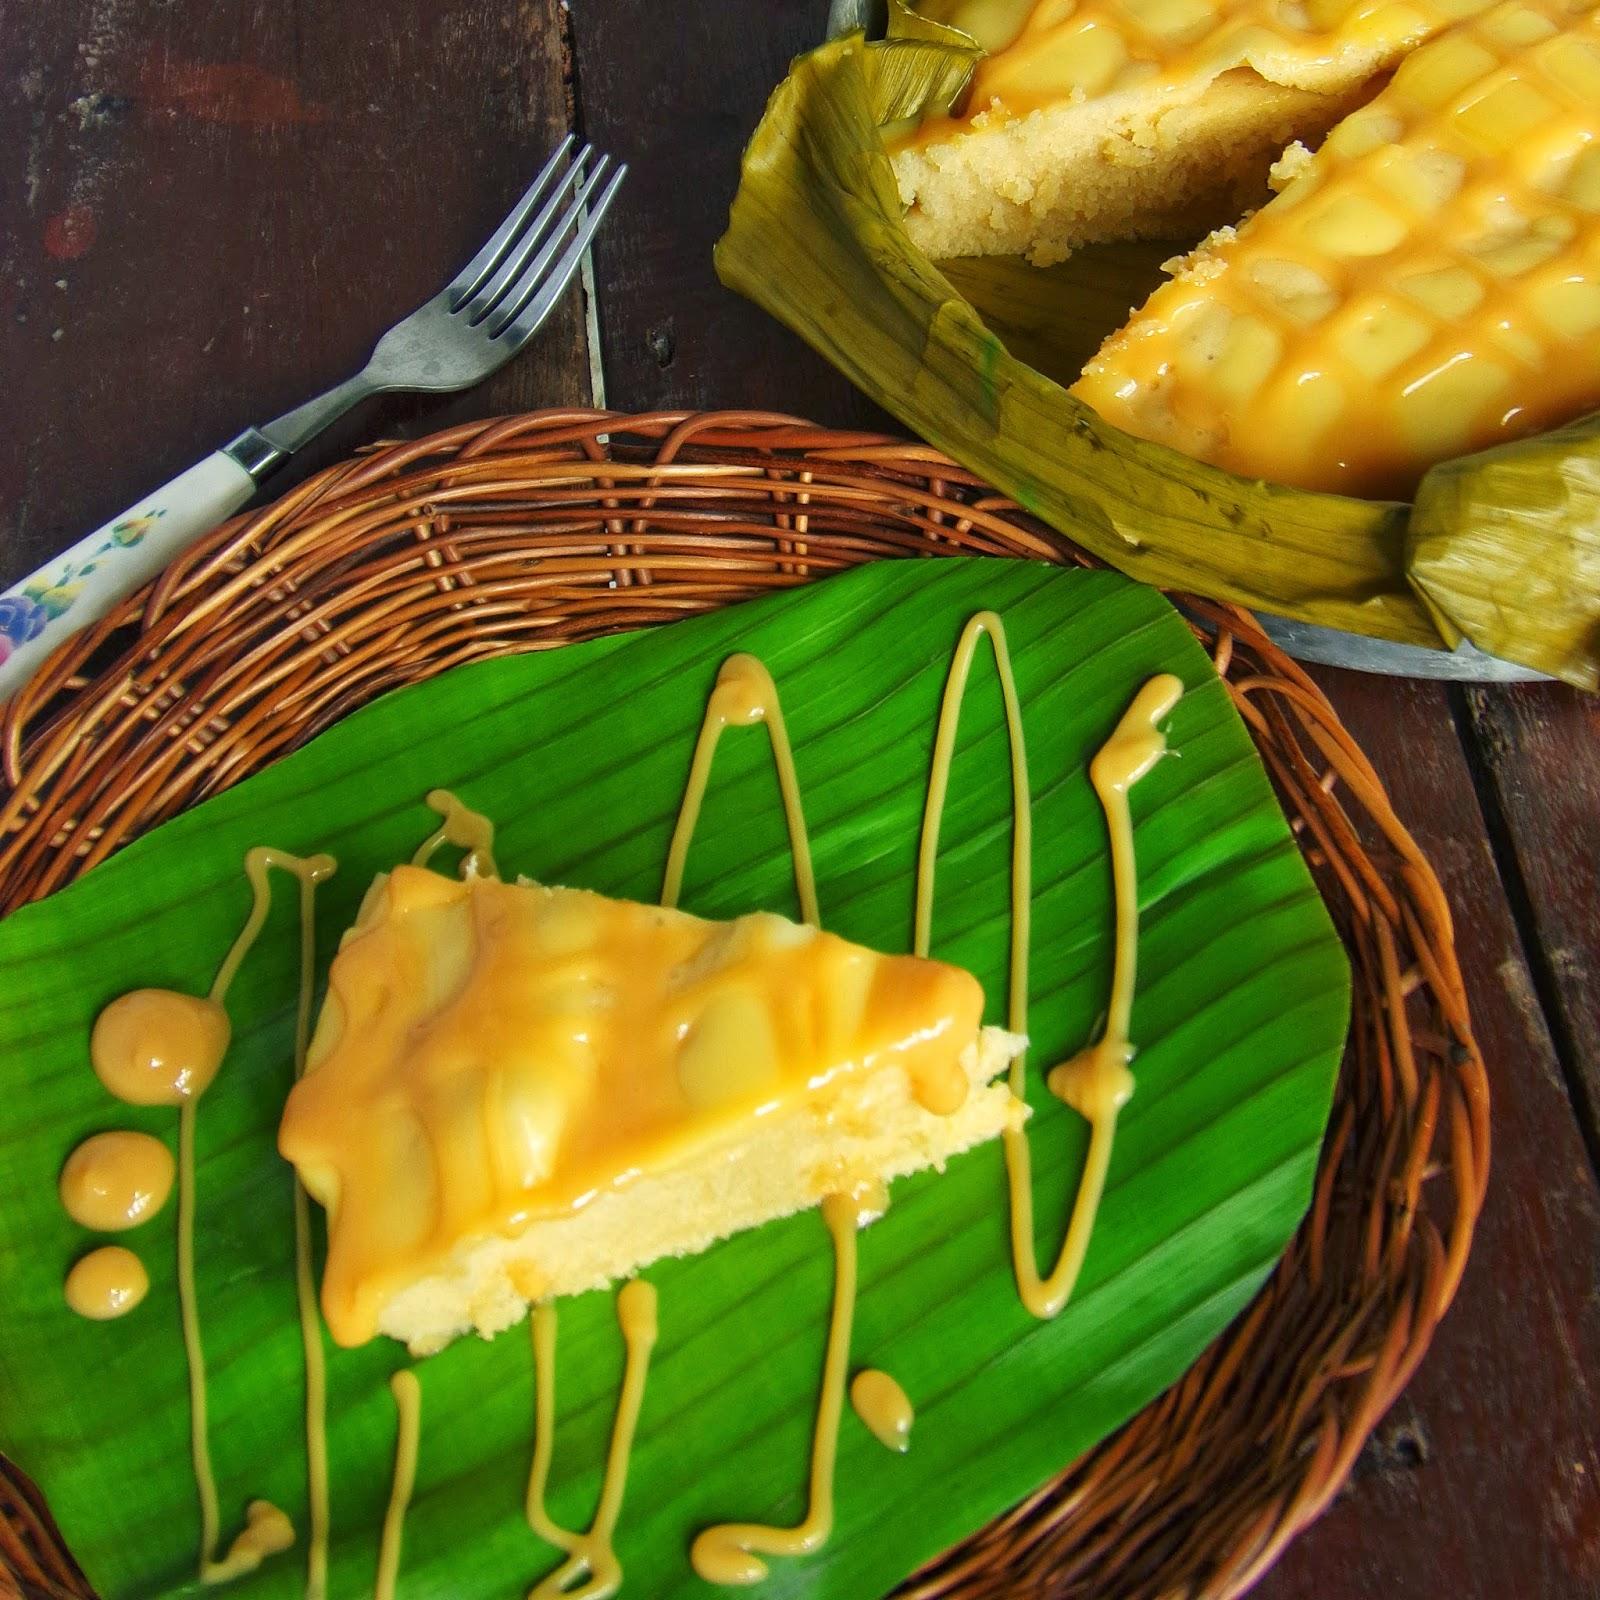 puto recipe, pinoy dessert, filipino dessert, kakanin